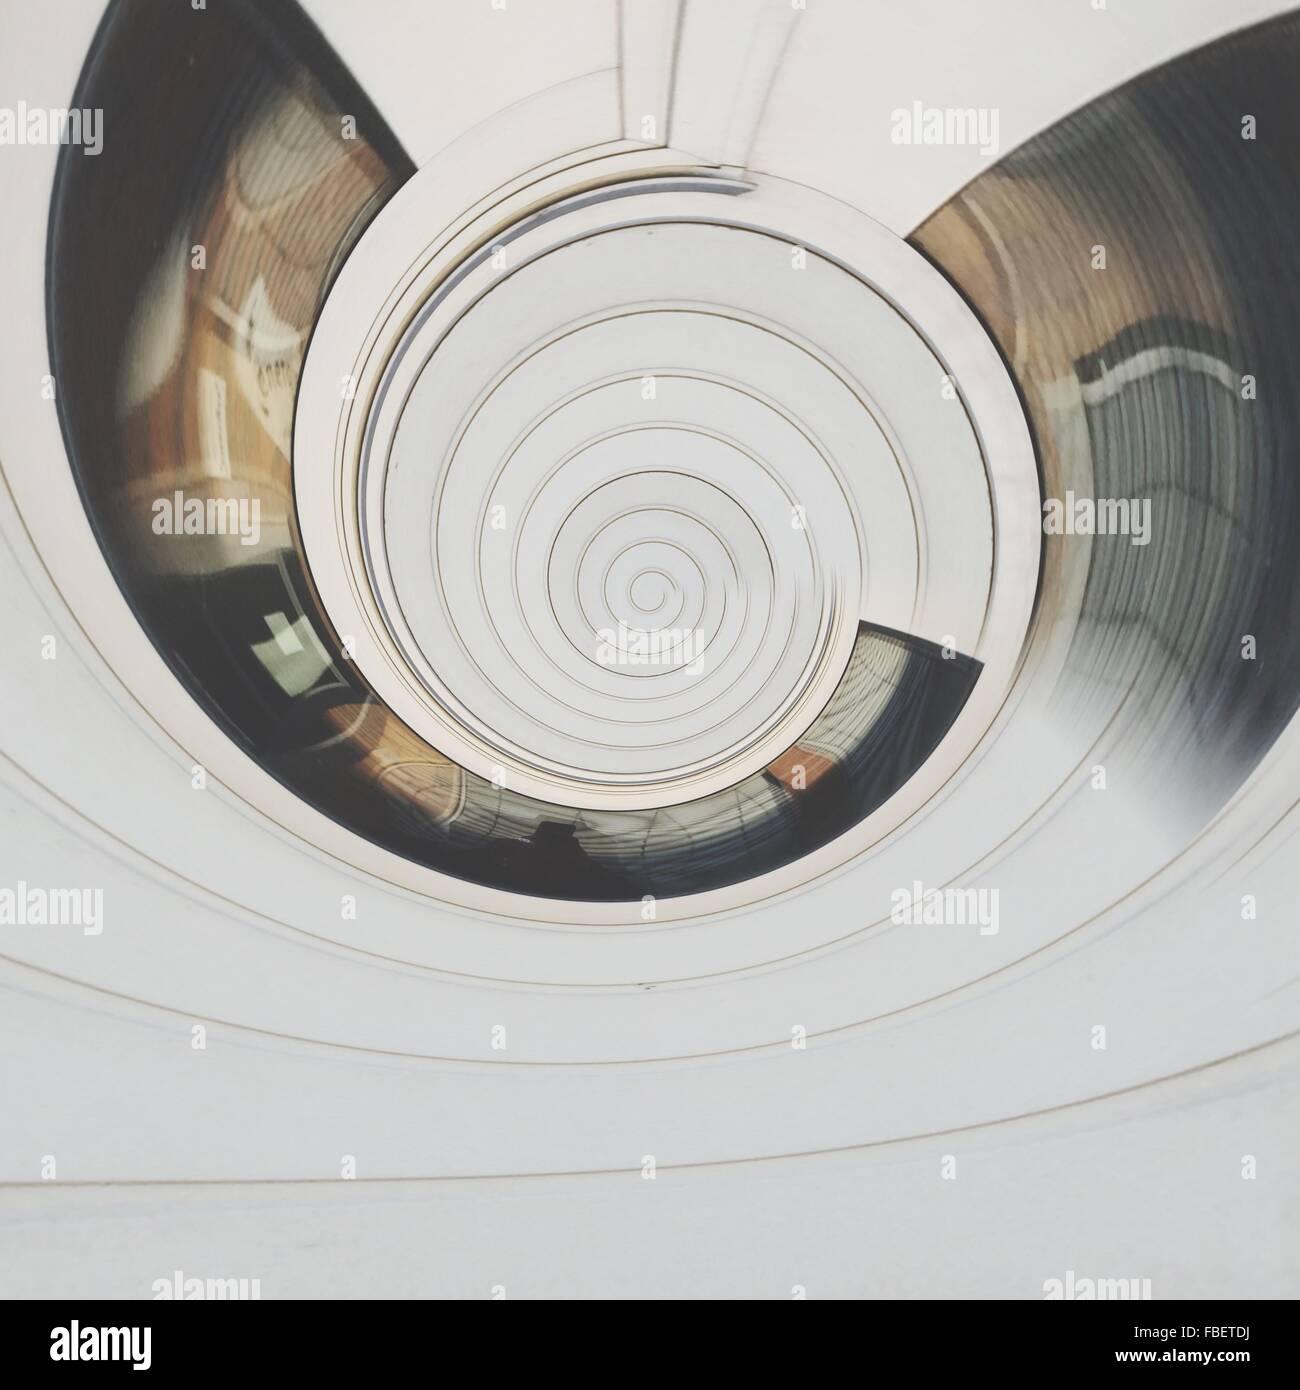 Composito Digitale della spirale astratto modello bianco Immagini Stock